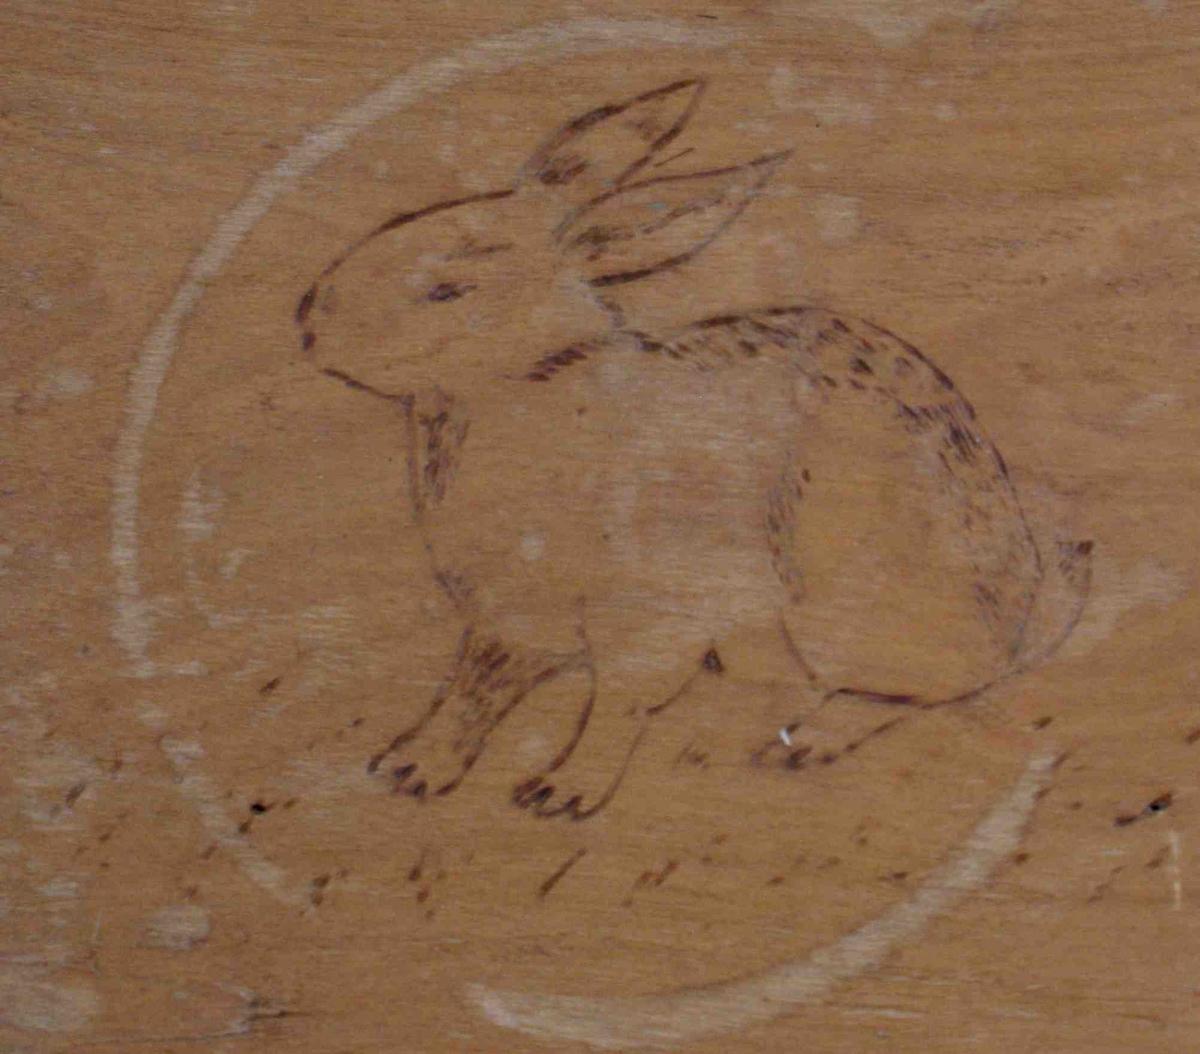 Bilde av en kanin, svidd inn i bunnen av trauet. Enkelt vegetabilsk motiv på handtakene i trauets kortsider.